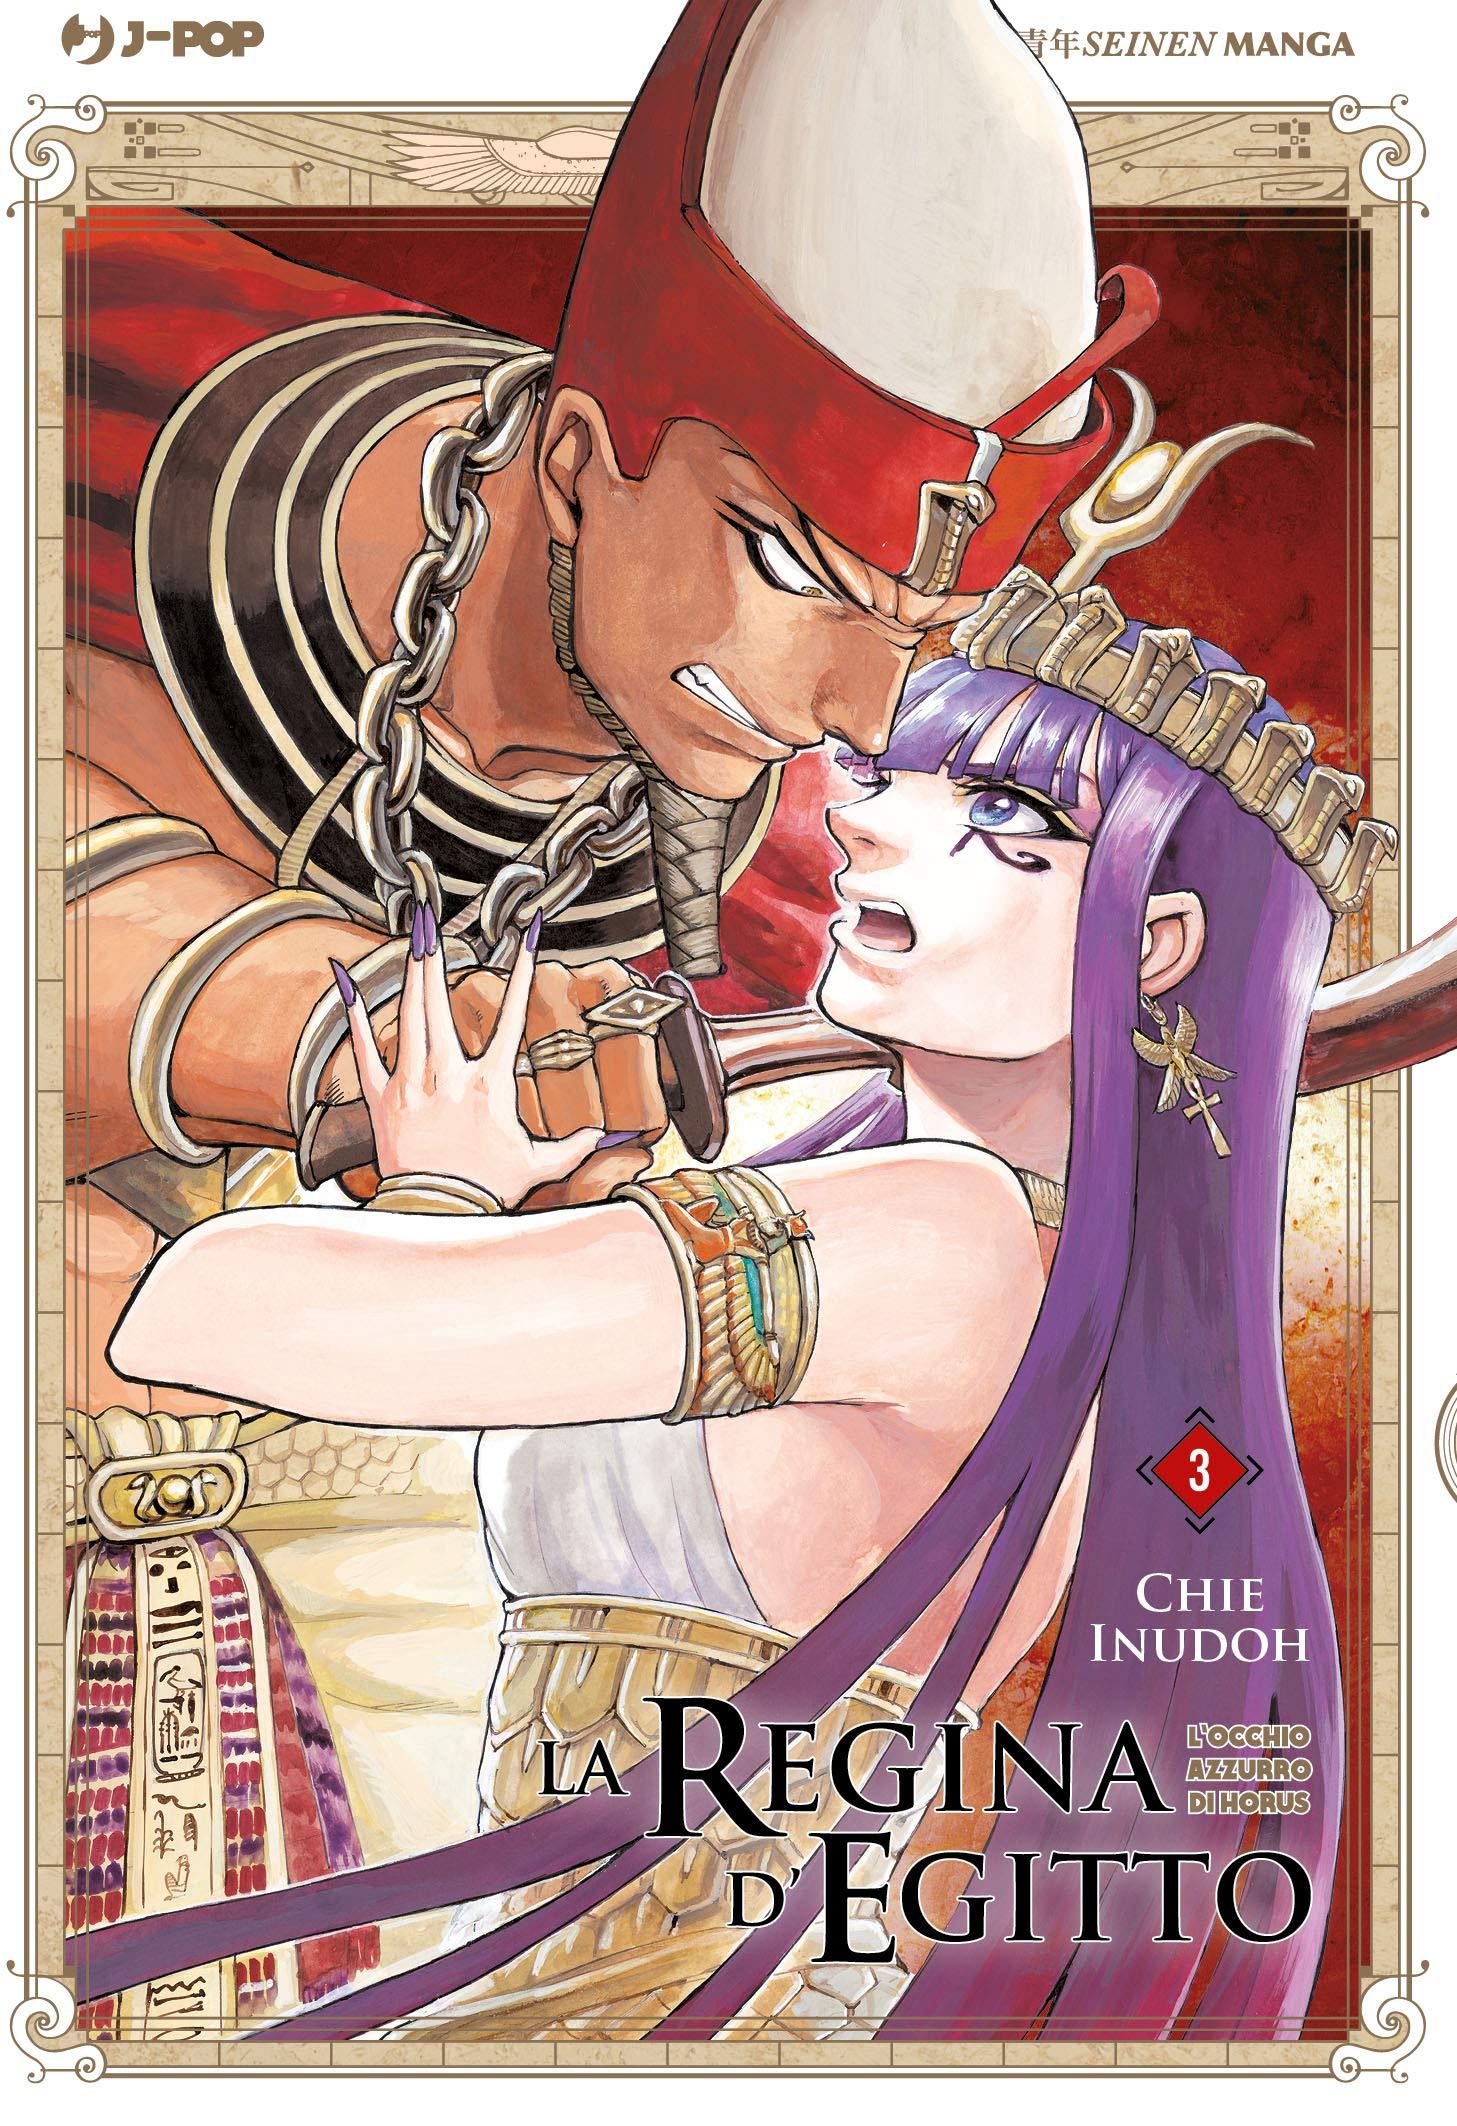 La regina d'Egitto. L'occhio azzurro di Horus (Vol. 3) : Inudoh, Chie,  Lucidi, Massimiliano, Tiberi, Roberta: Amazon.it: Libri